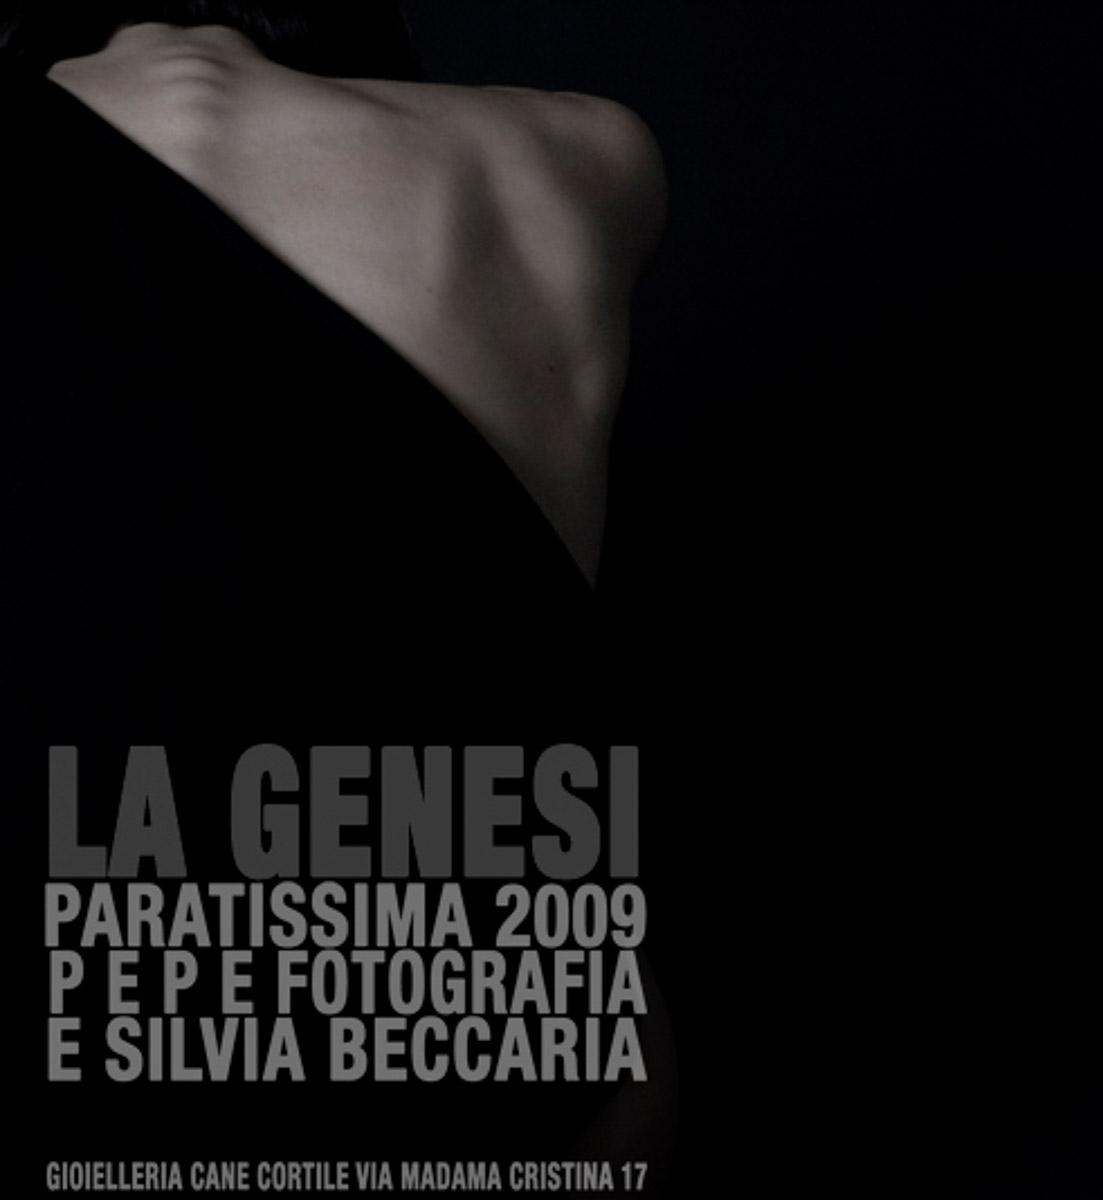 2009 - Paratissima